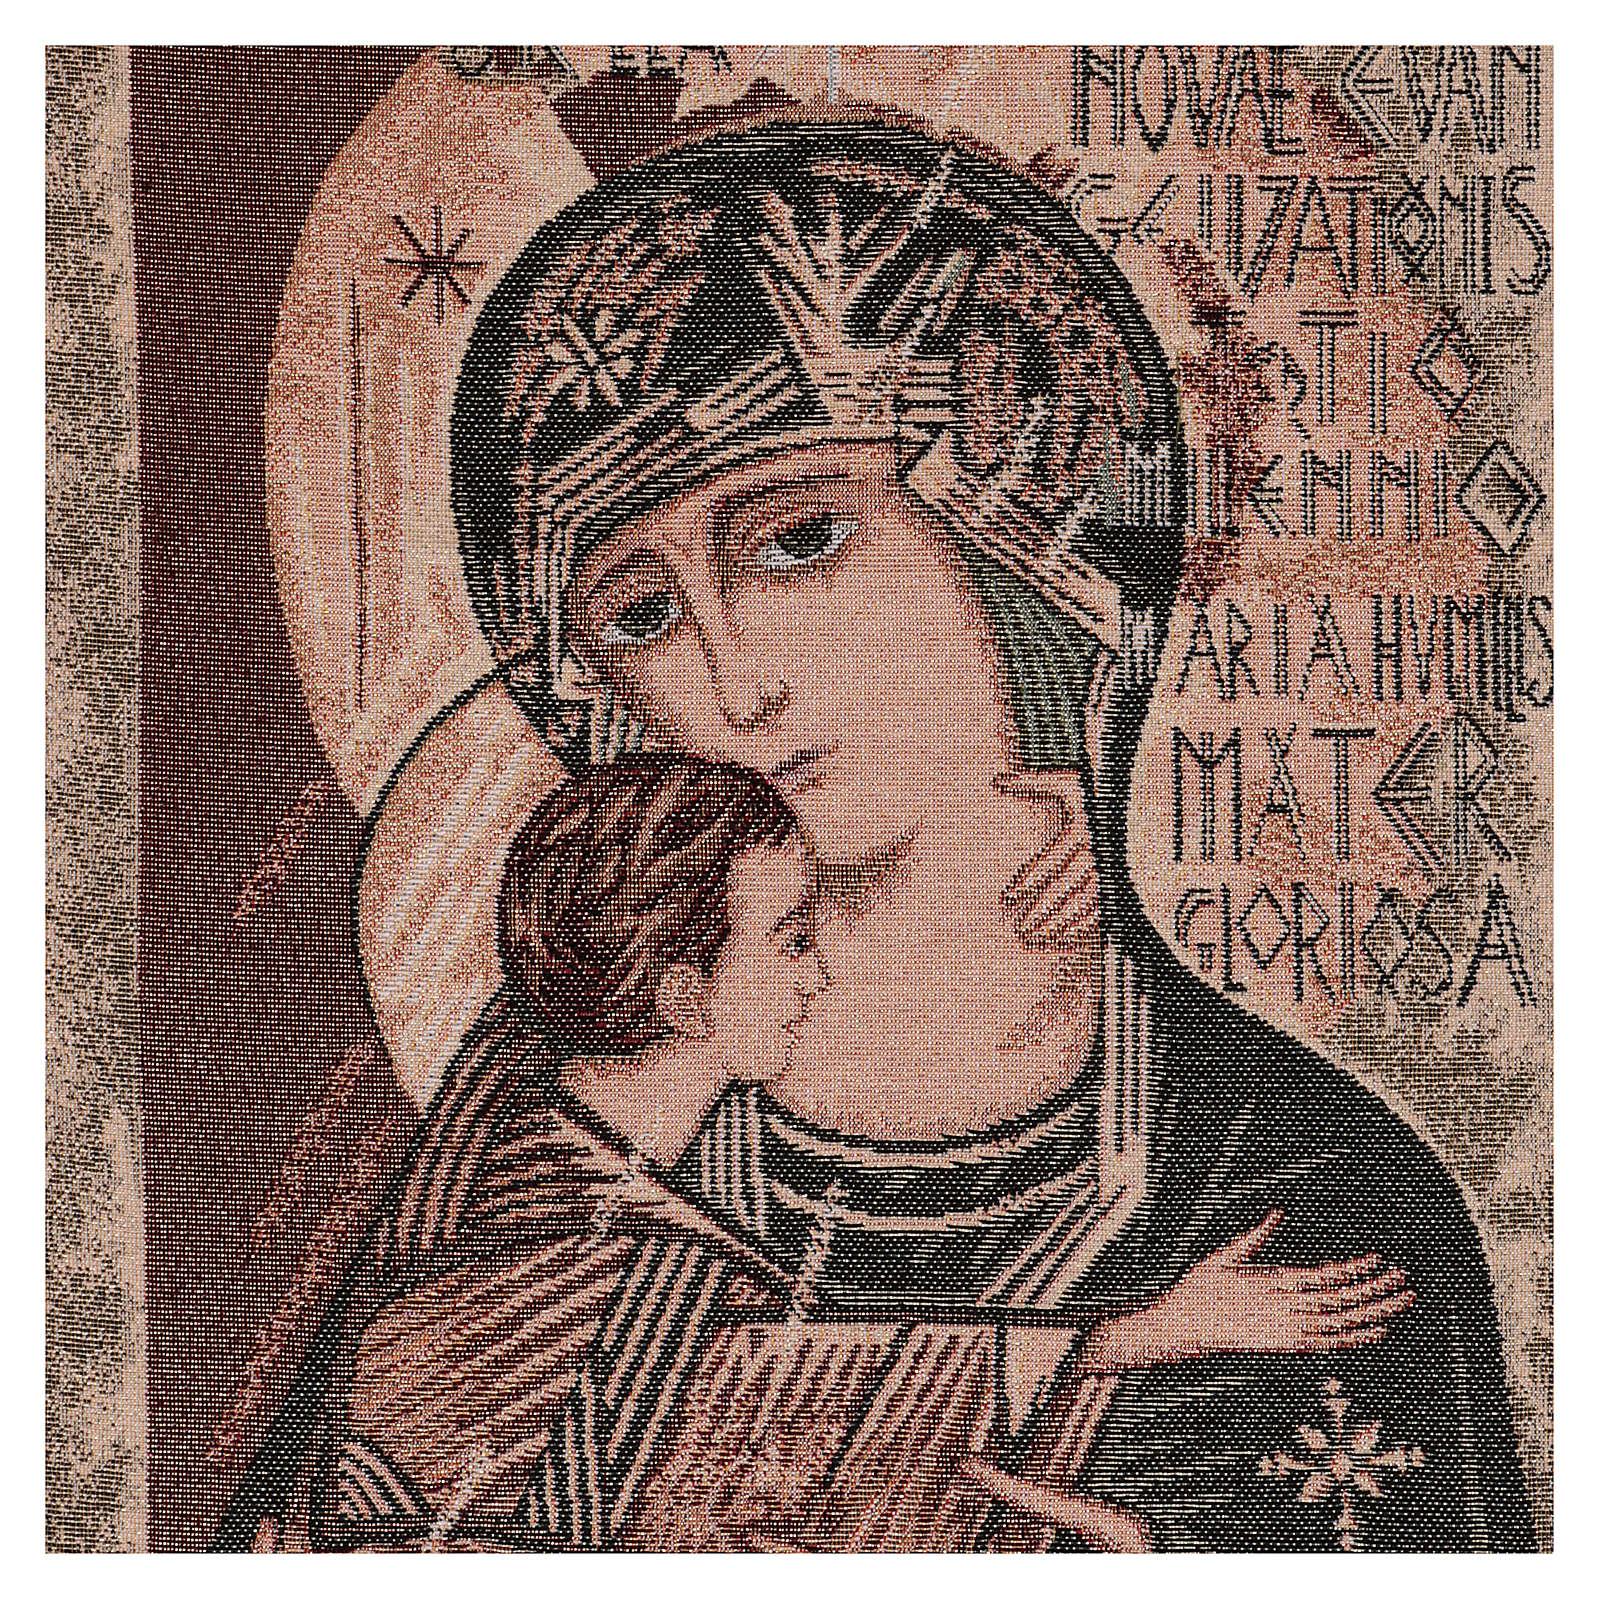 Arazzo Madonna del terzo millennio 55x40 cm 3